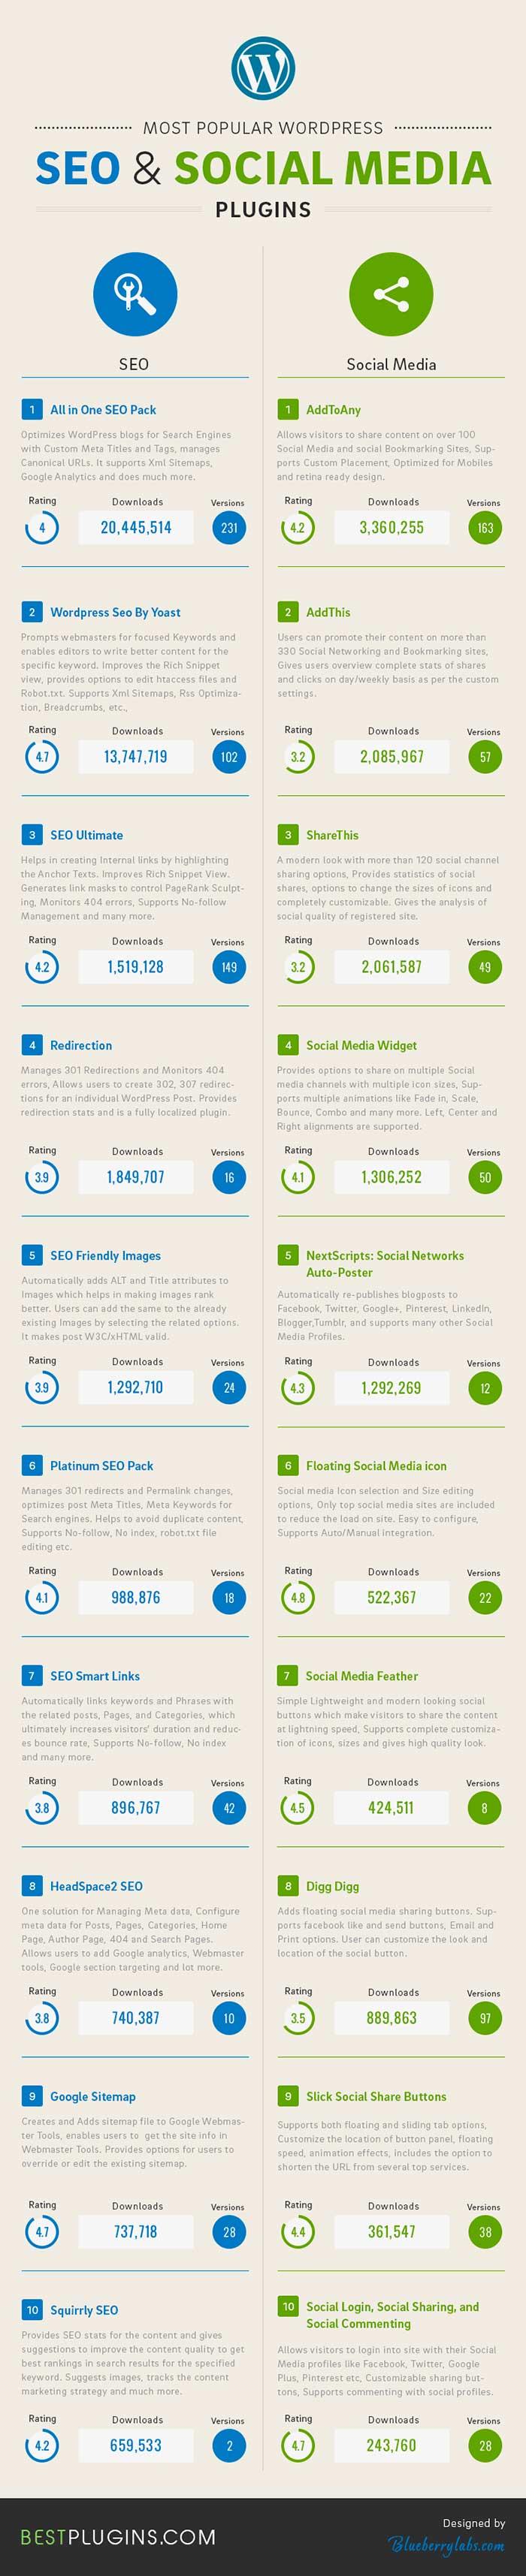 Infografia sobre los 20 plugins wordpress mas populares para SEO y Social Media